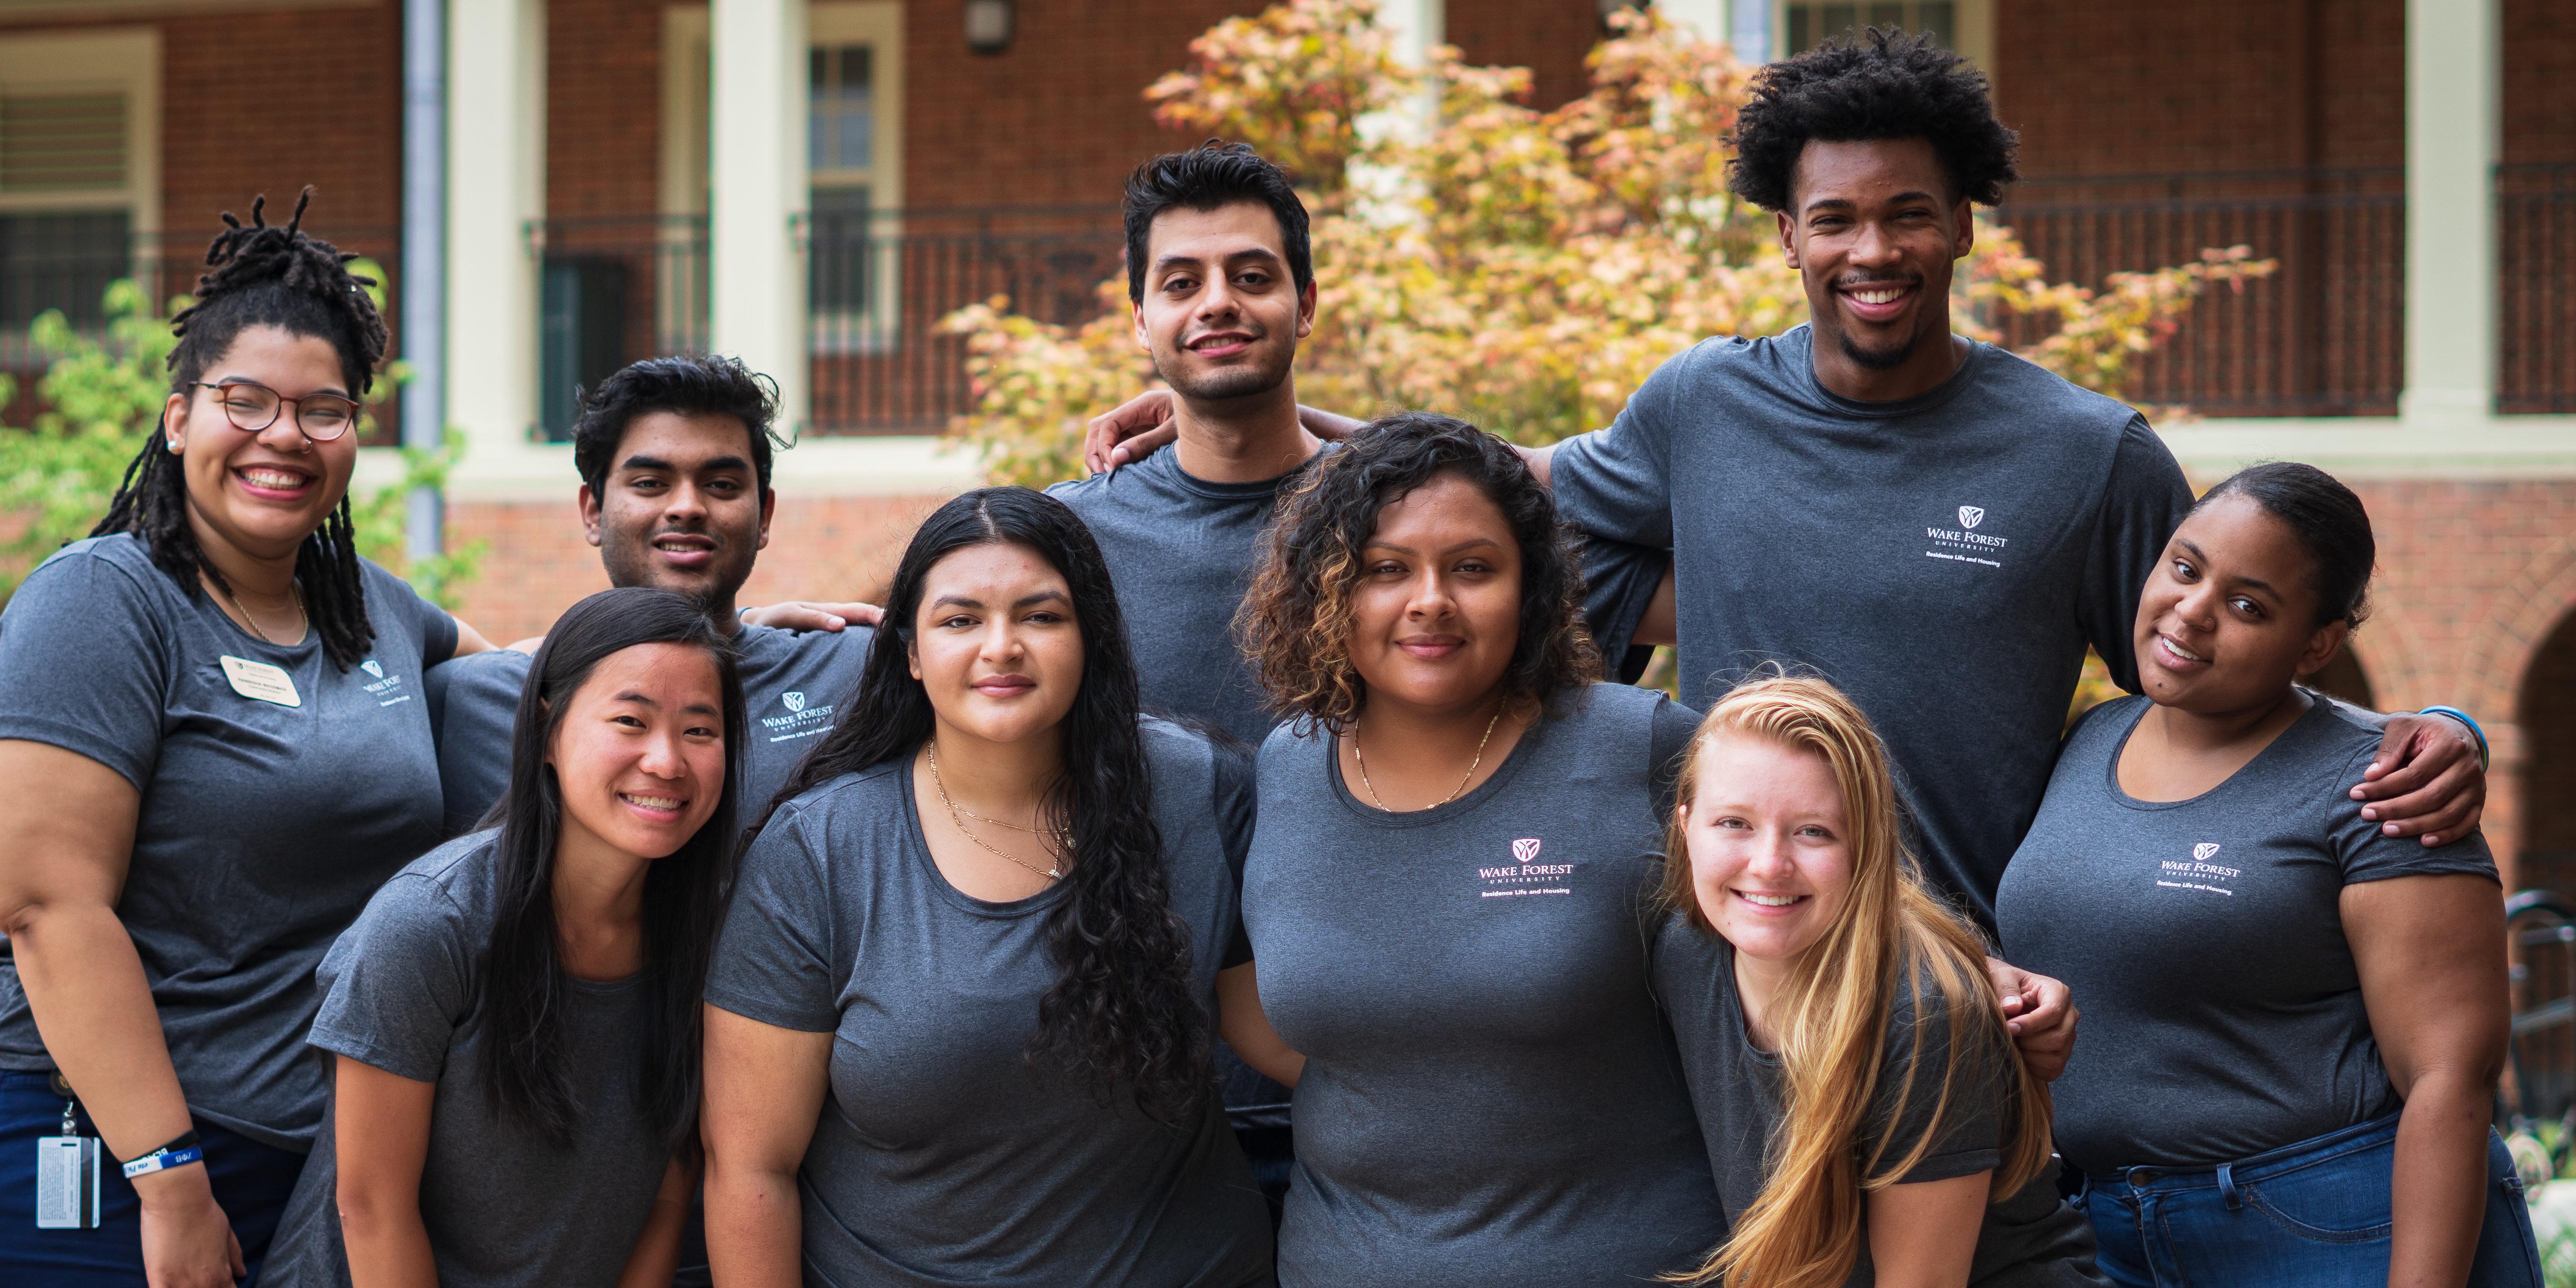 Davis Hall Staff Group Photo